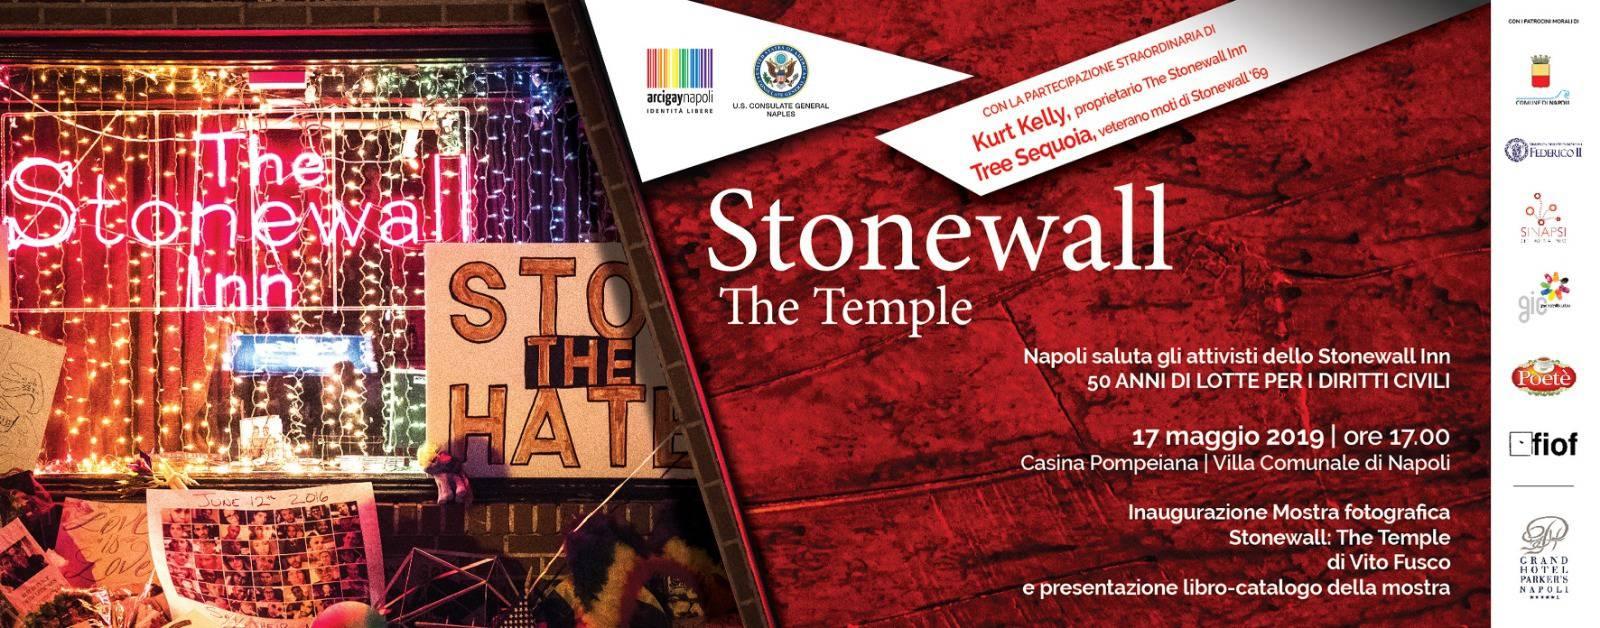 """Vito fusco presentazione del libro e mostra """"Stonewall The Temple"""" il 17 Maggio"""